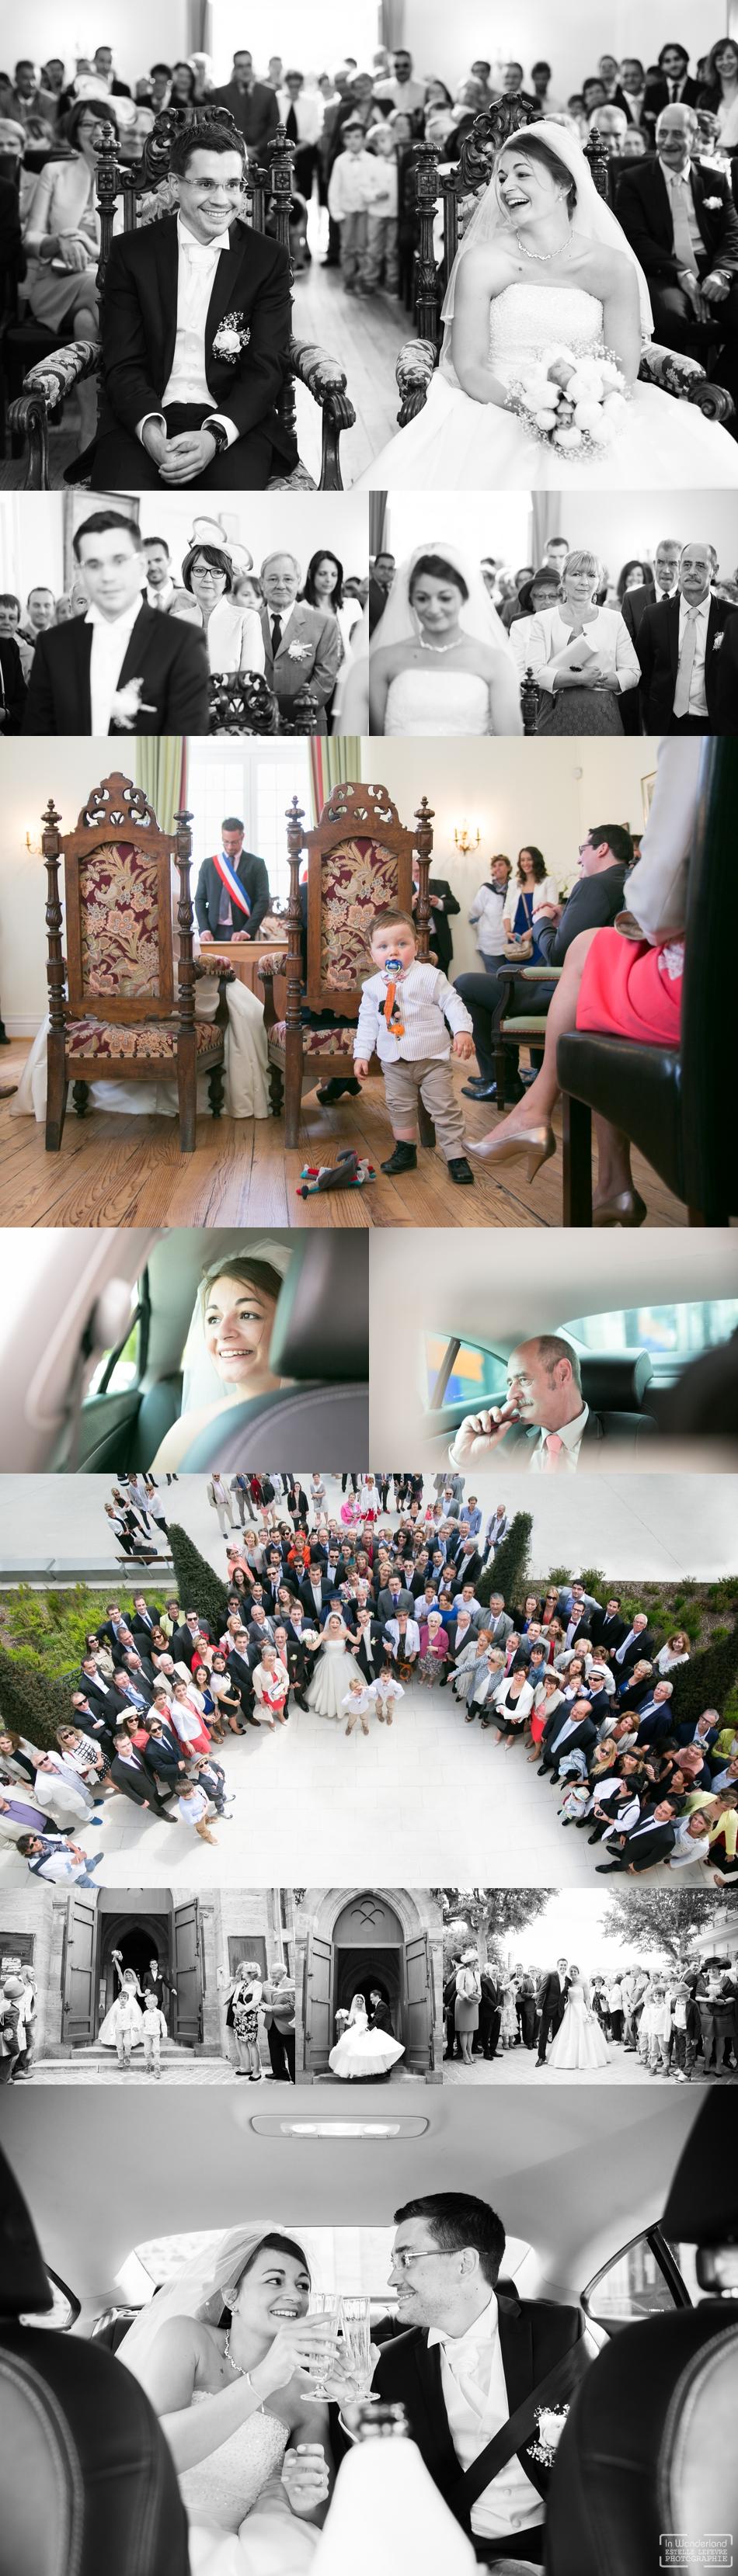 photographe de mariage chic et élégant a La Teste de Buch 33